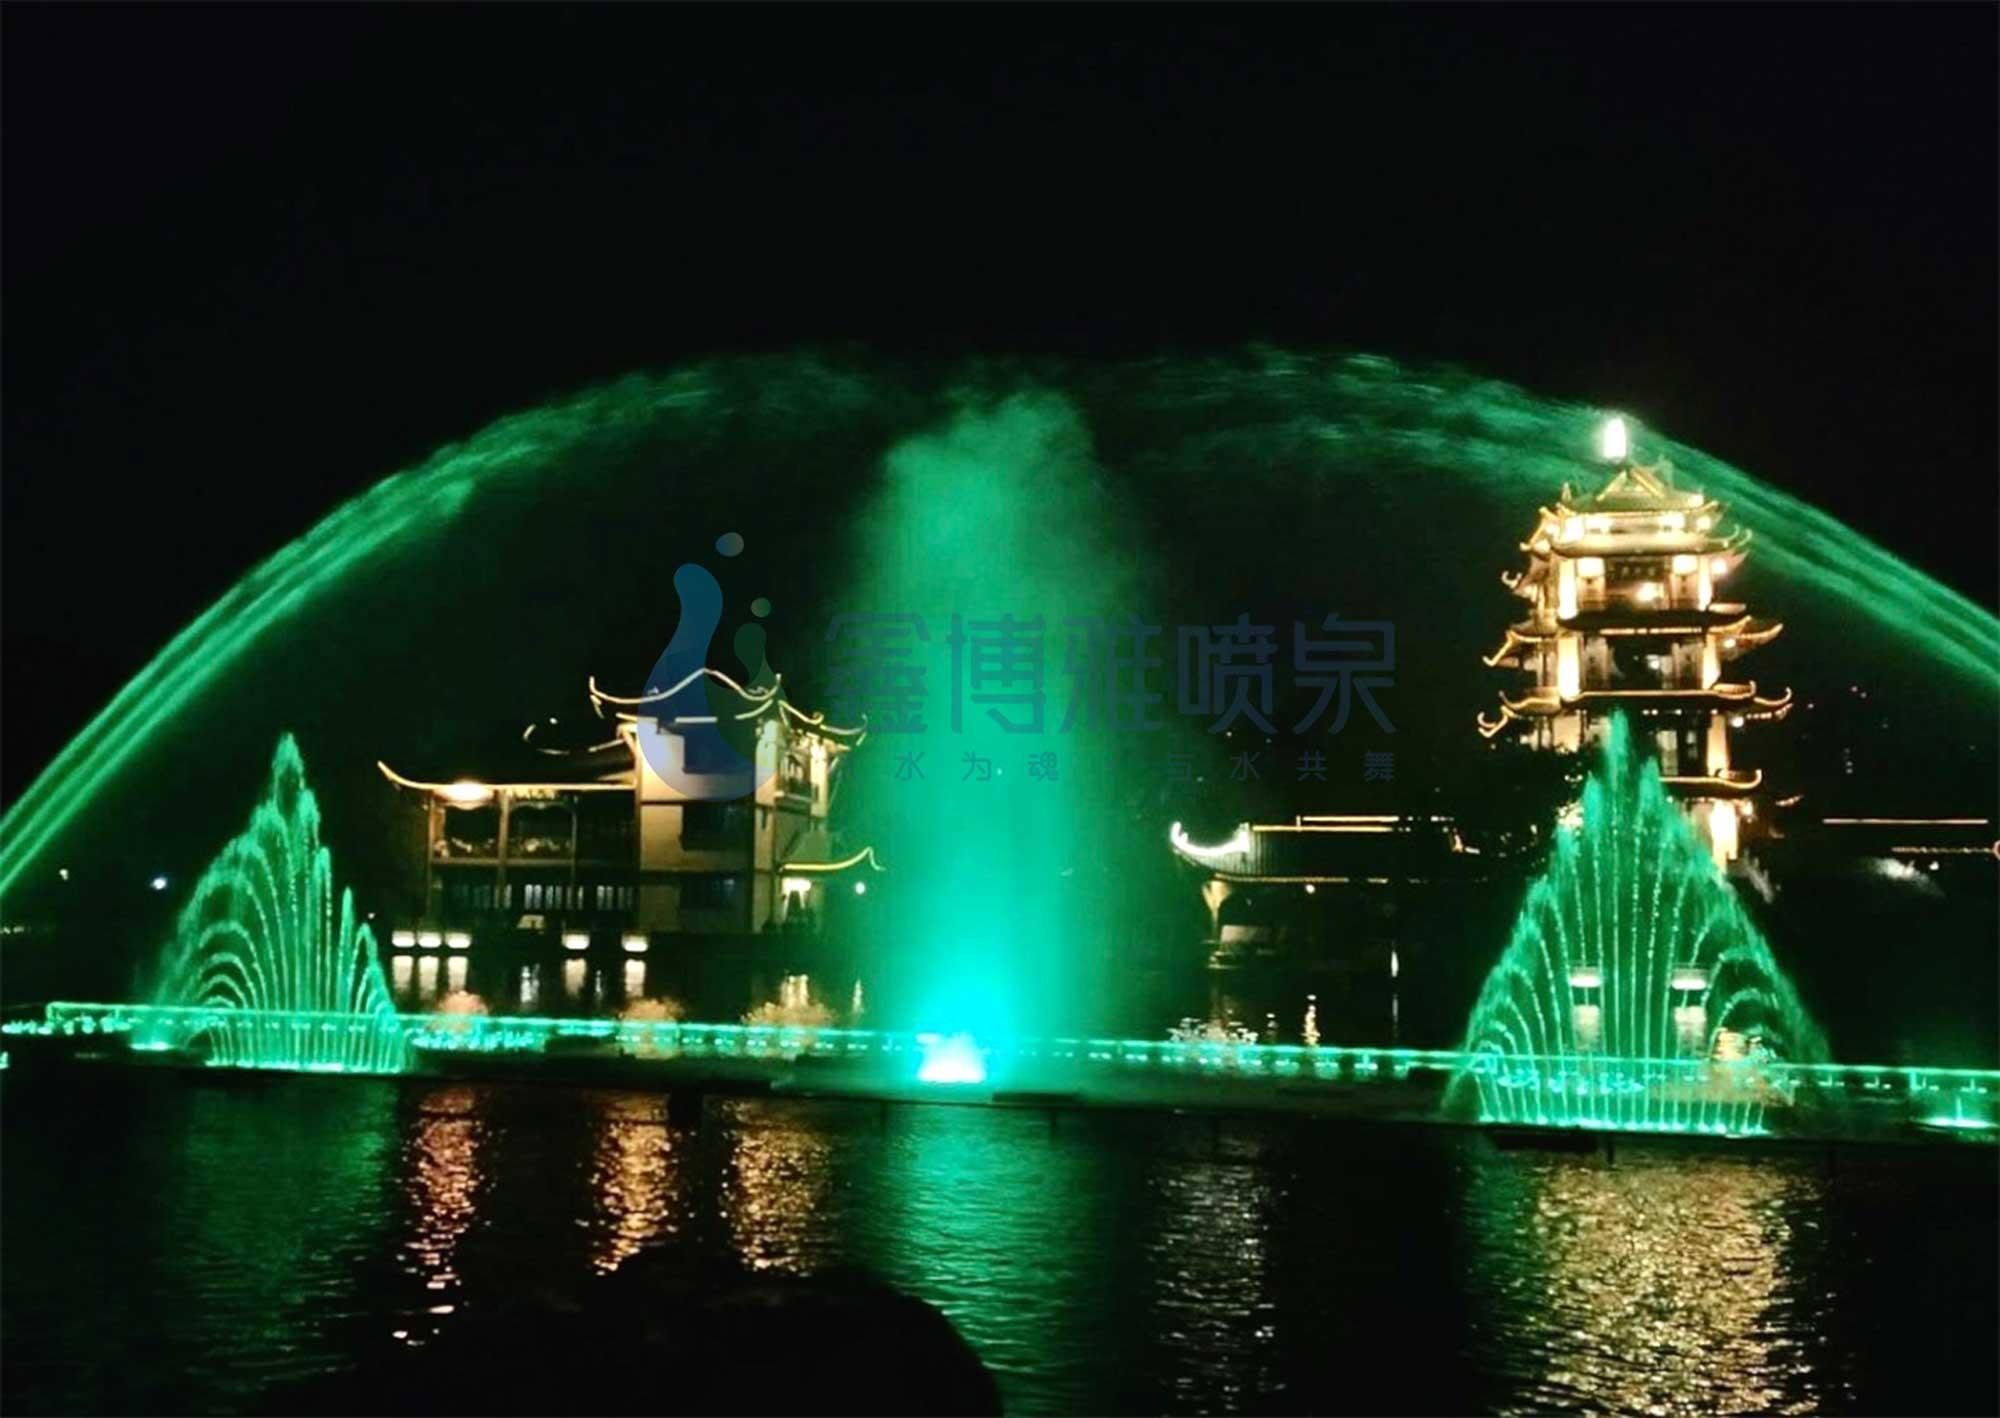 燕川公园公园激光音乐喷泉